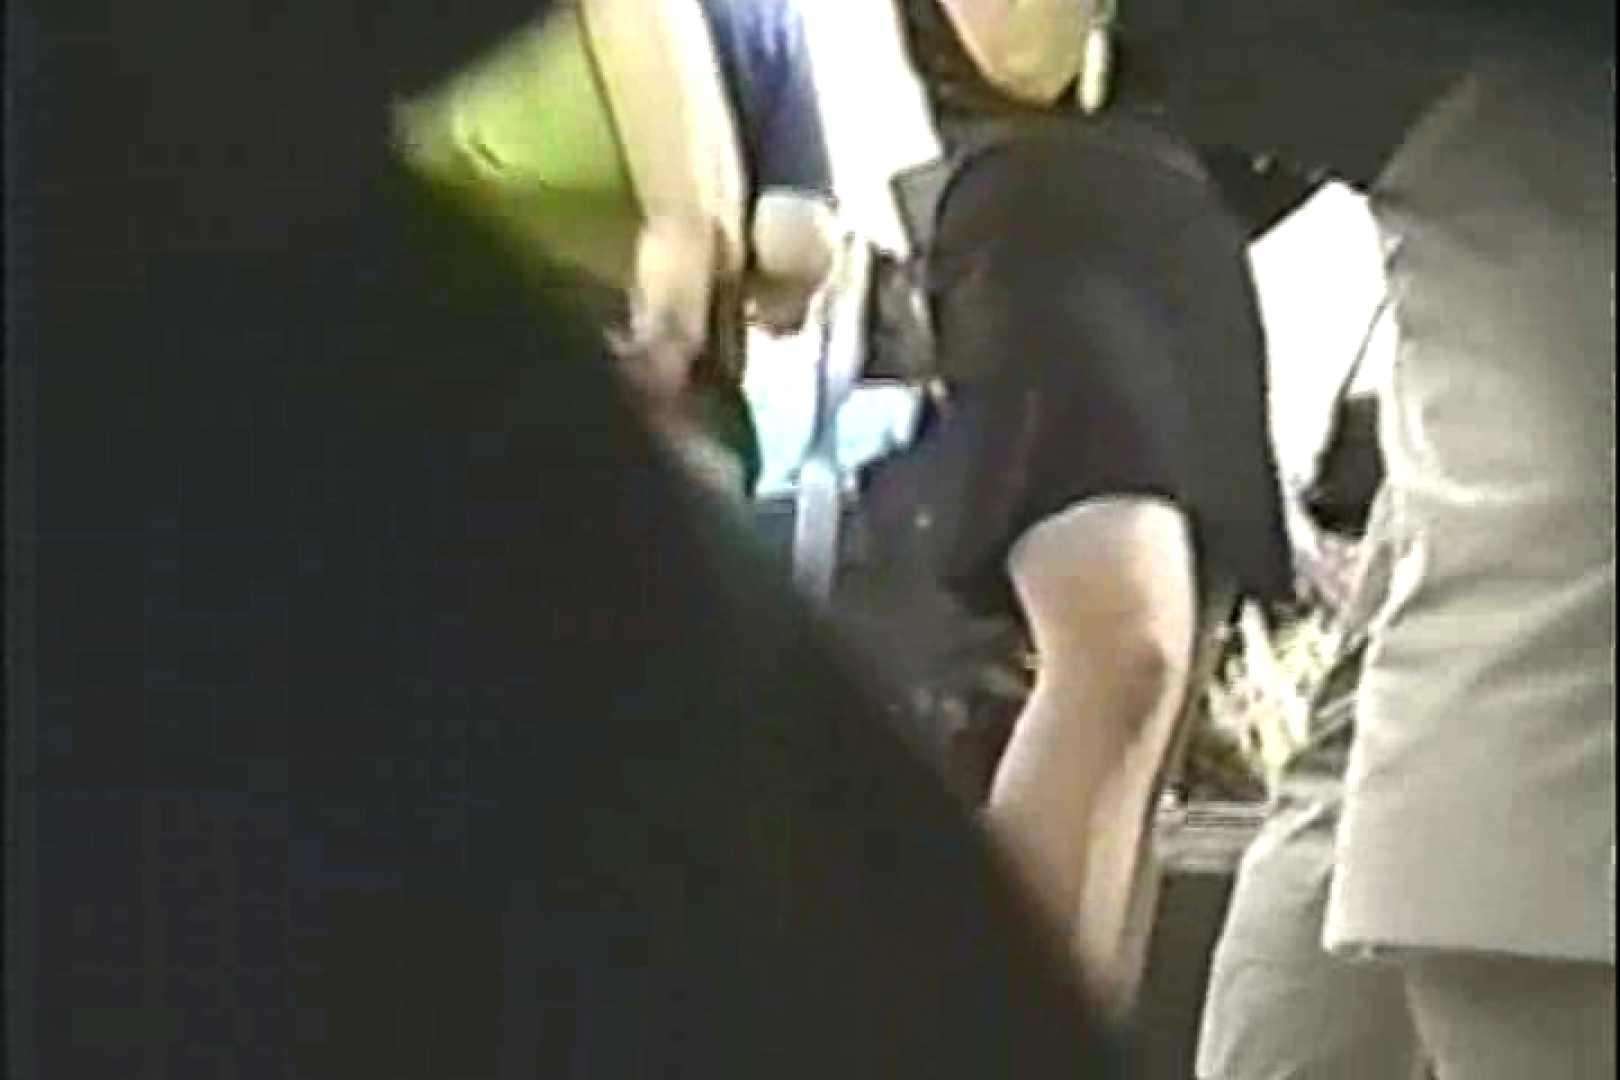 「ちくりん」さんのオリジナル未編集パンチラVol.3_01 レースクイーン 盗撮AV動画キャプチャ 100画像 71